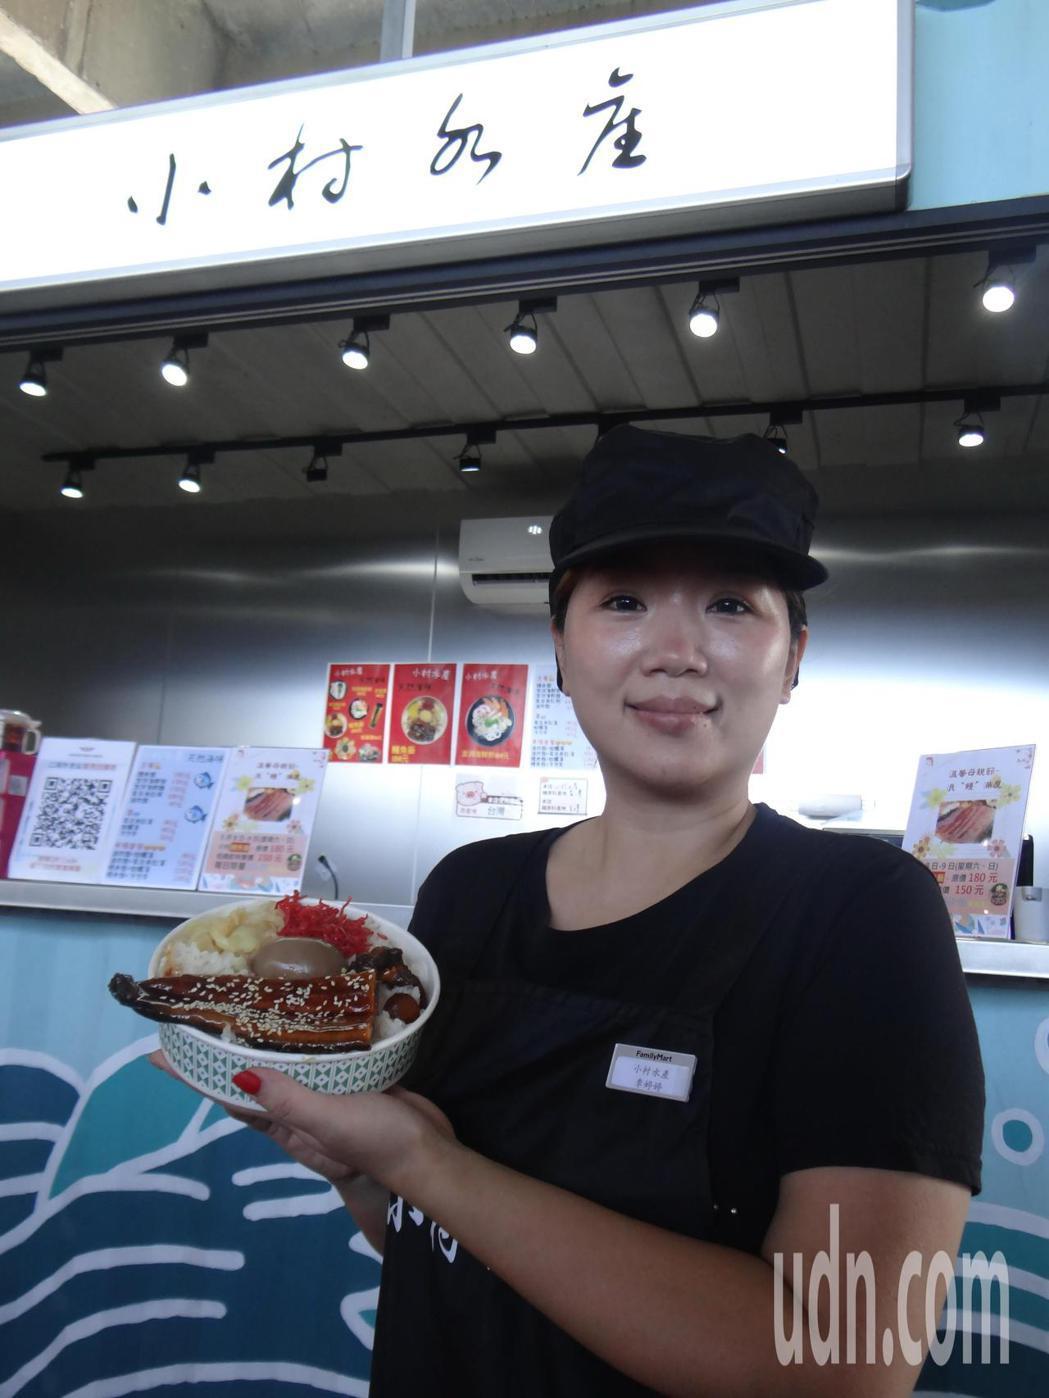 鰻魚便當可口好吃,很有日本味。記者蔡維斌/攝影